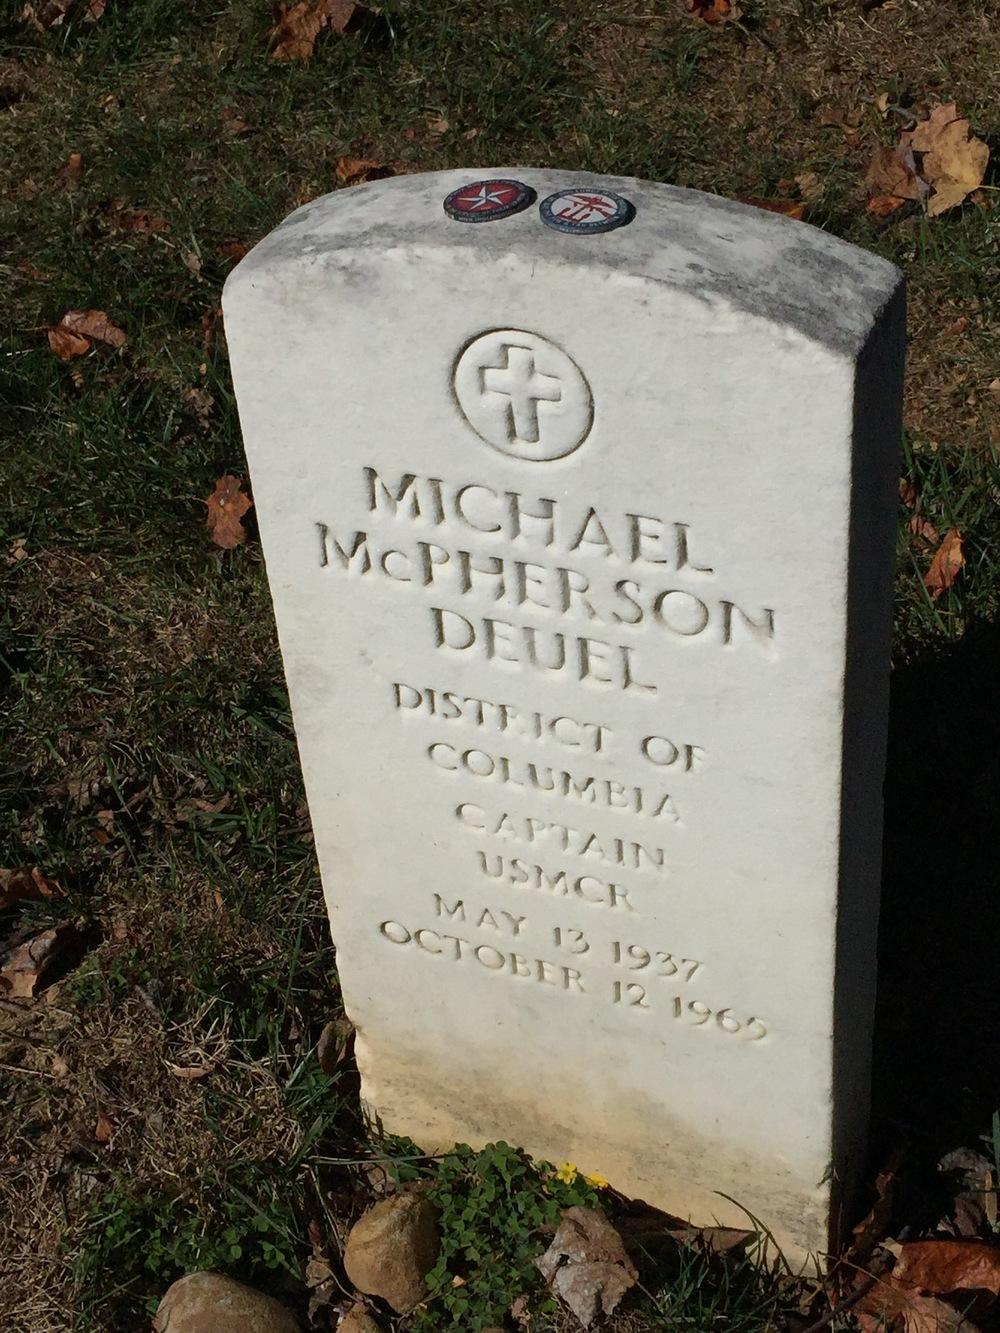 Michael M. Deuel